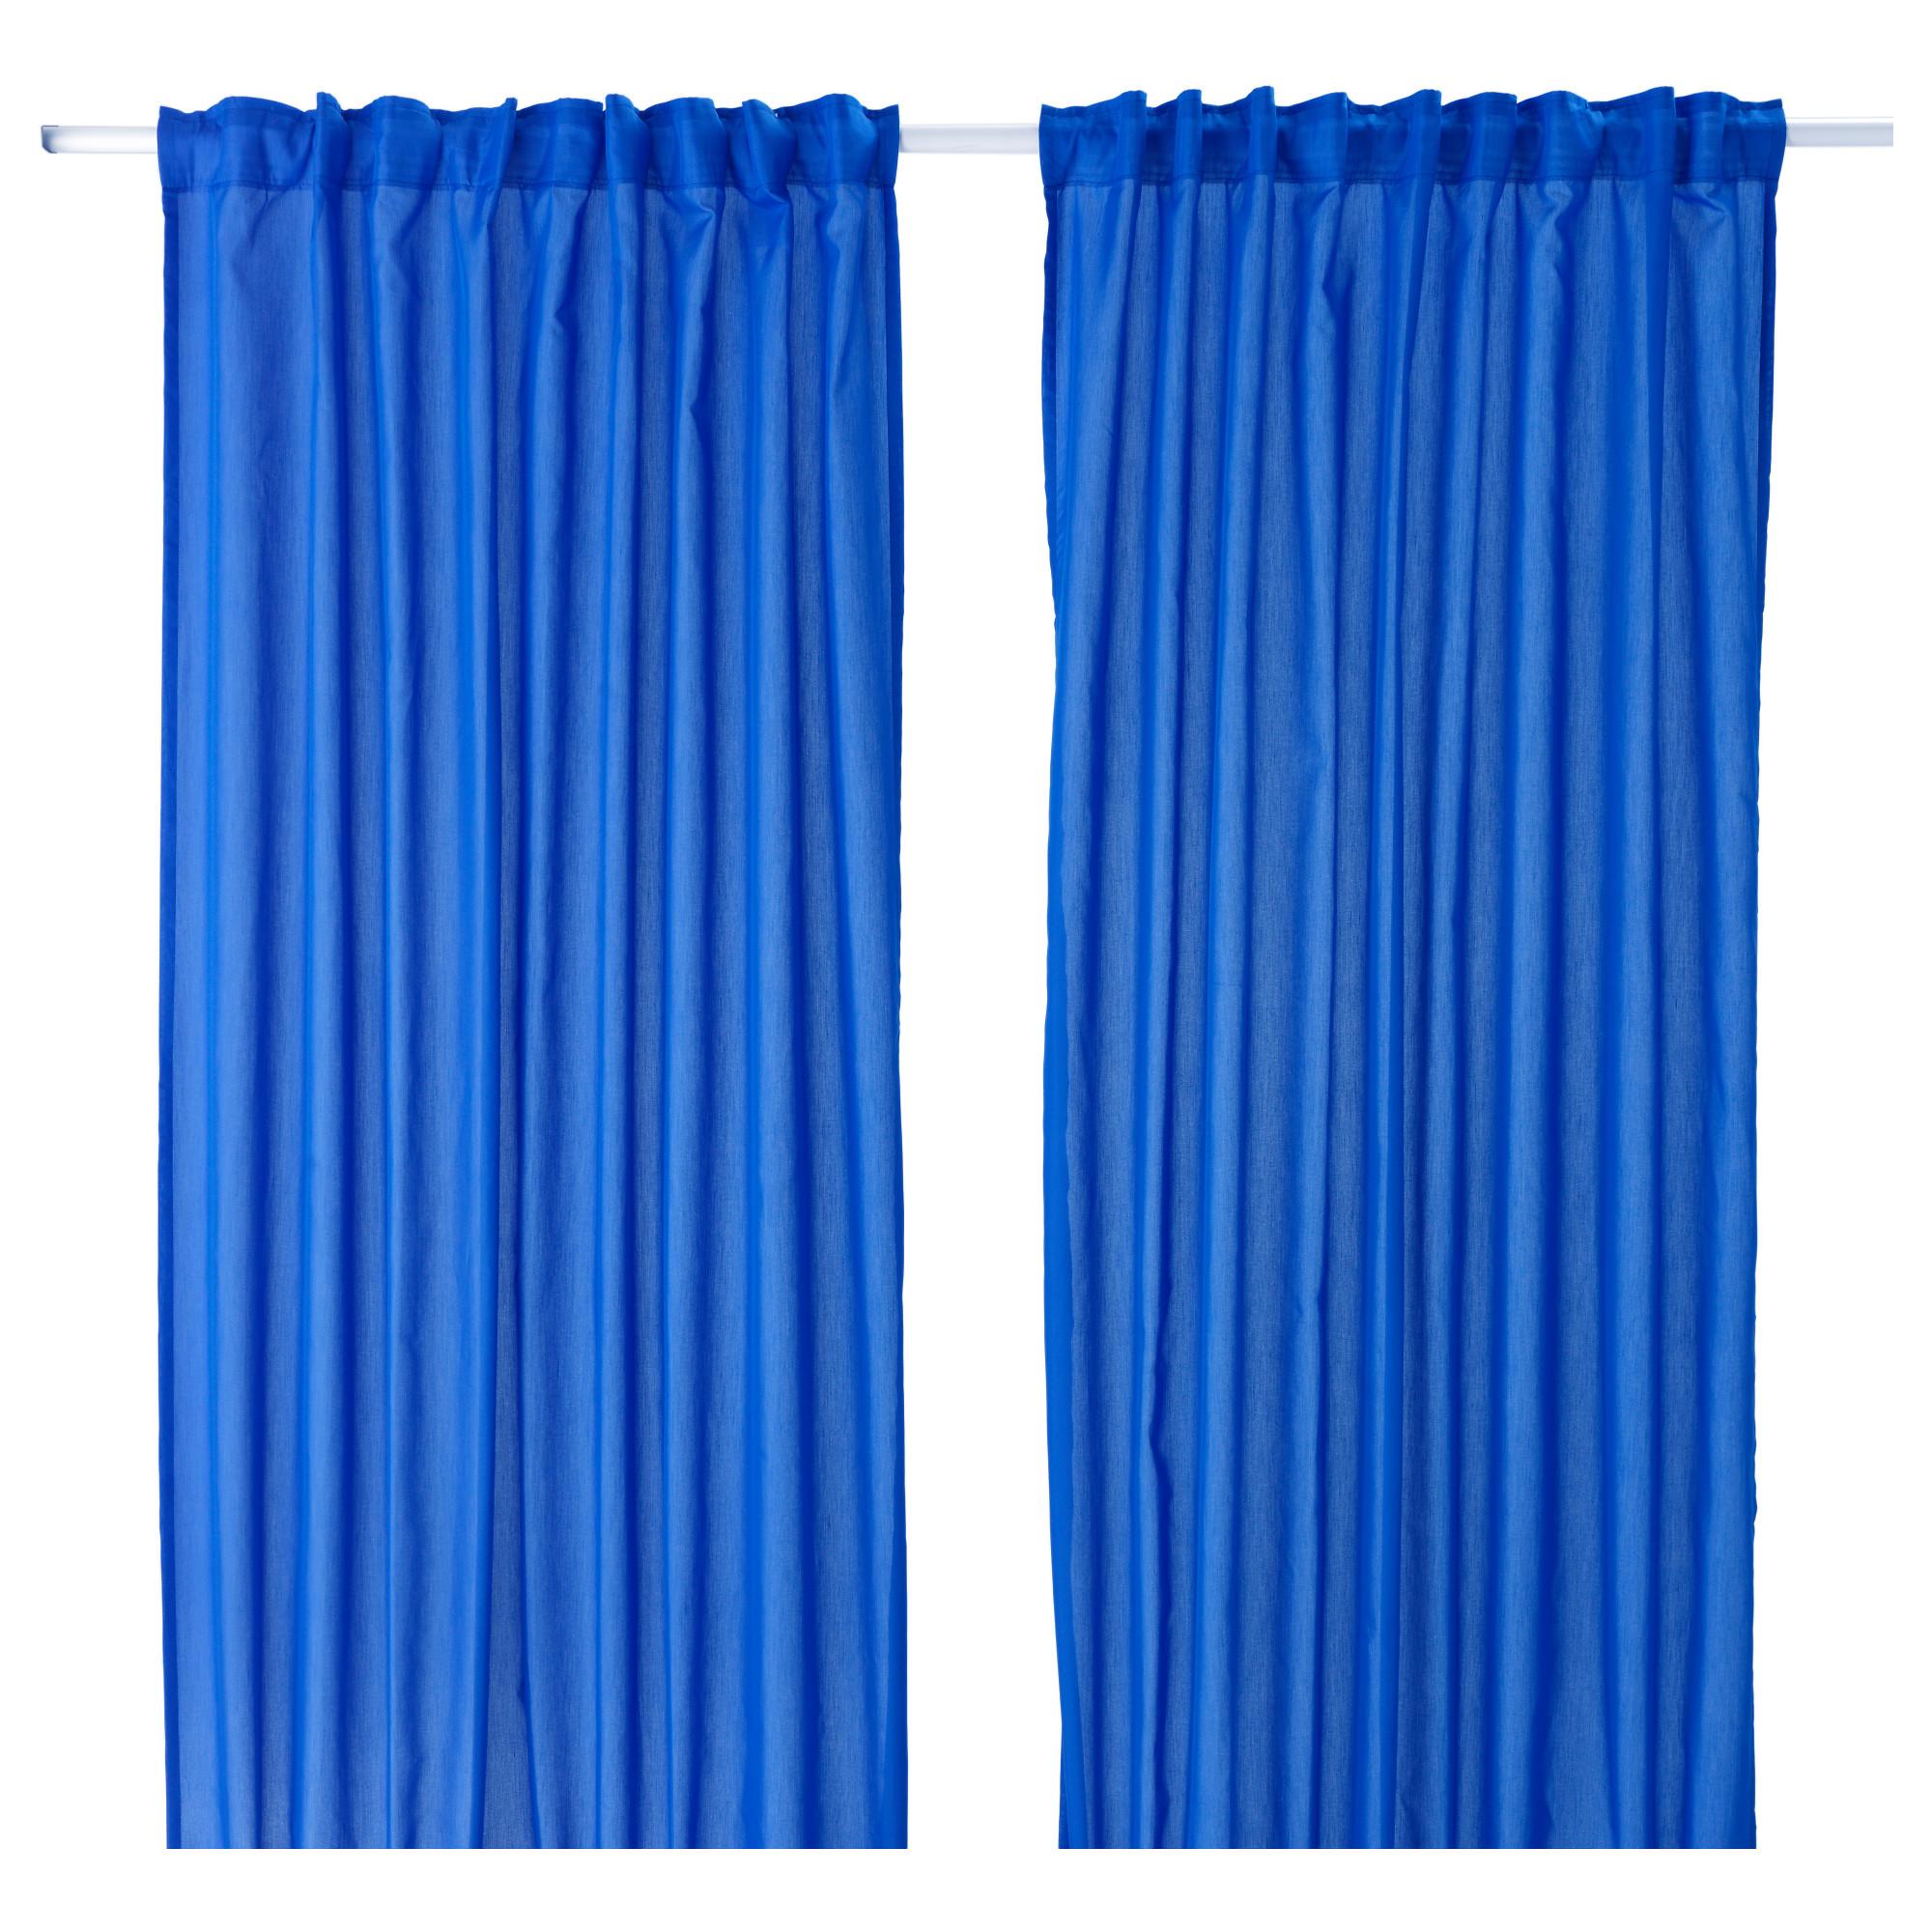 Гардины, 1 пара ВИВАН темно-синий артикуль № 003.415.65 в наличии. Интернет каталог IKEA Республика Беларусь. Недорогая доставка и установка.